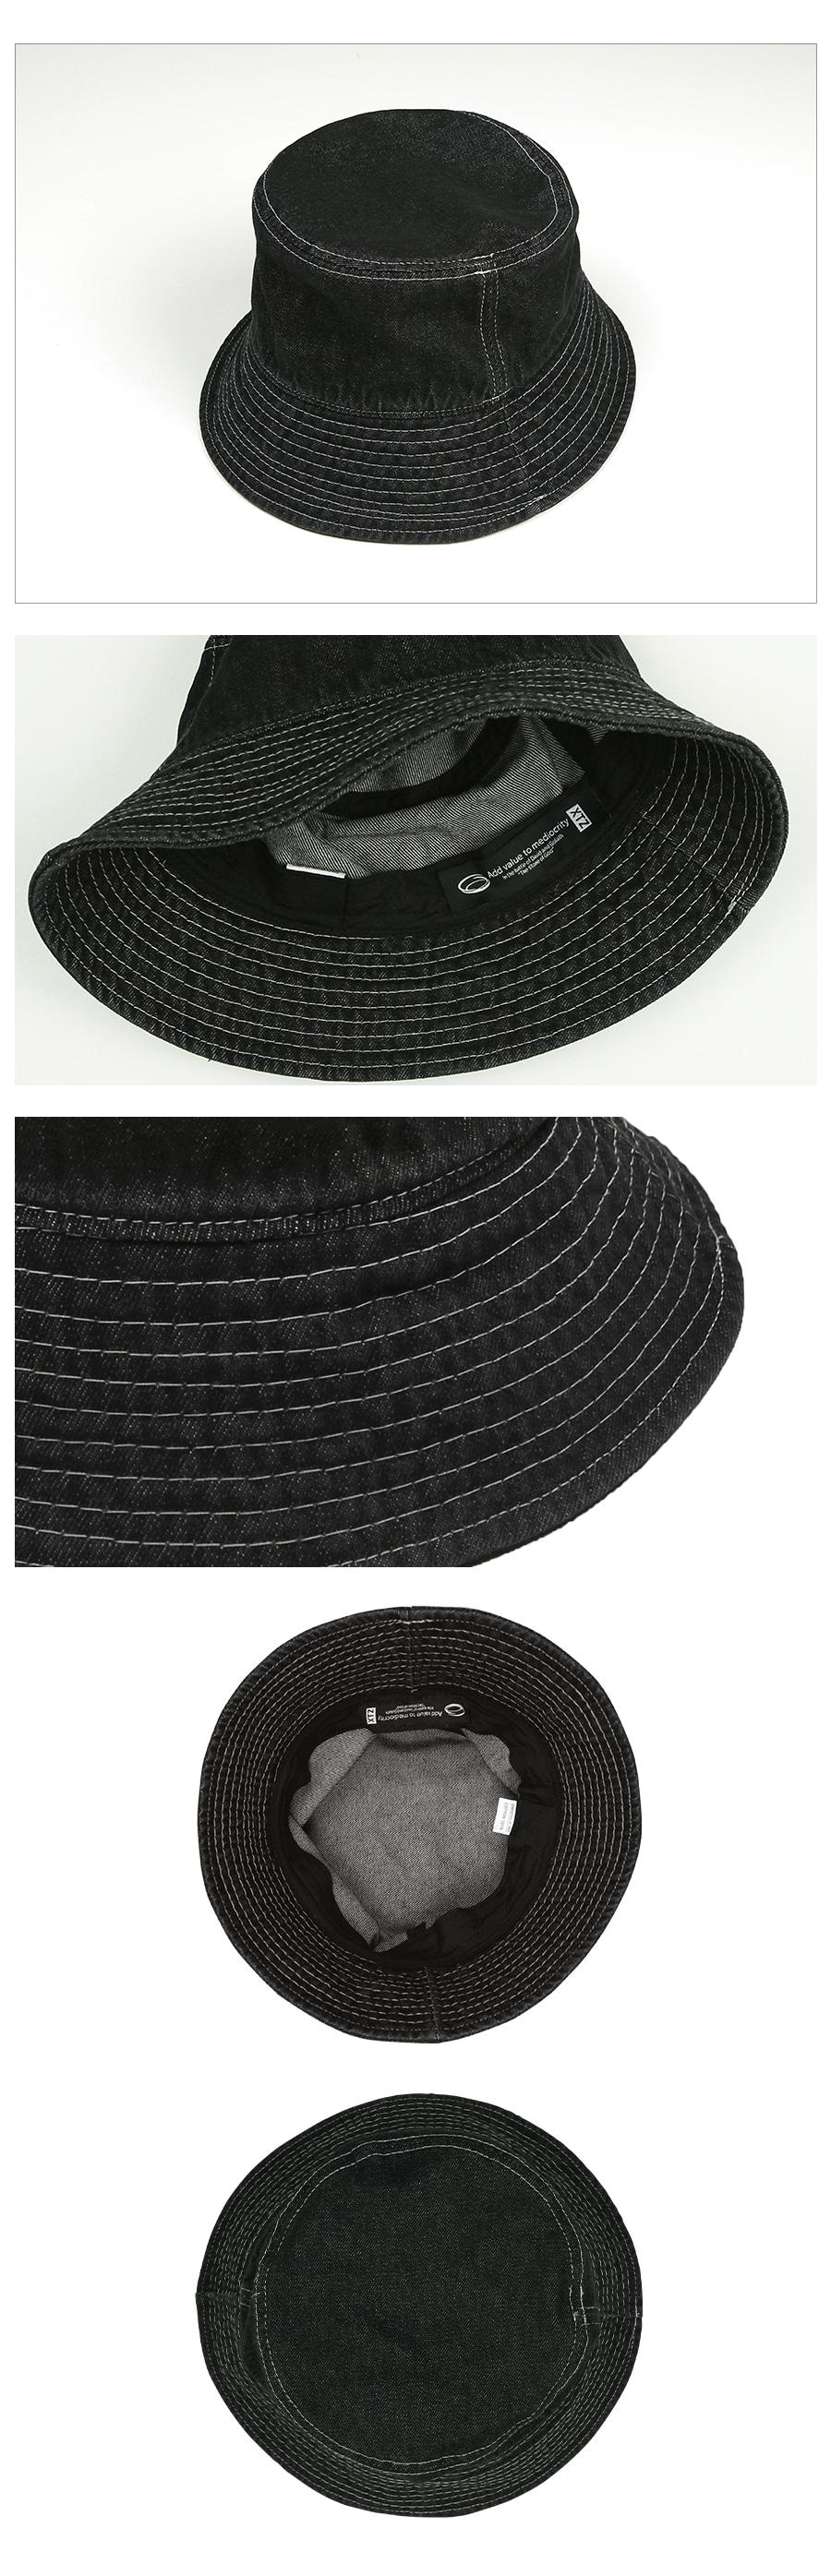 XTC008 화이트 스티치 데님 버킷햇 (BLACK)